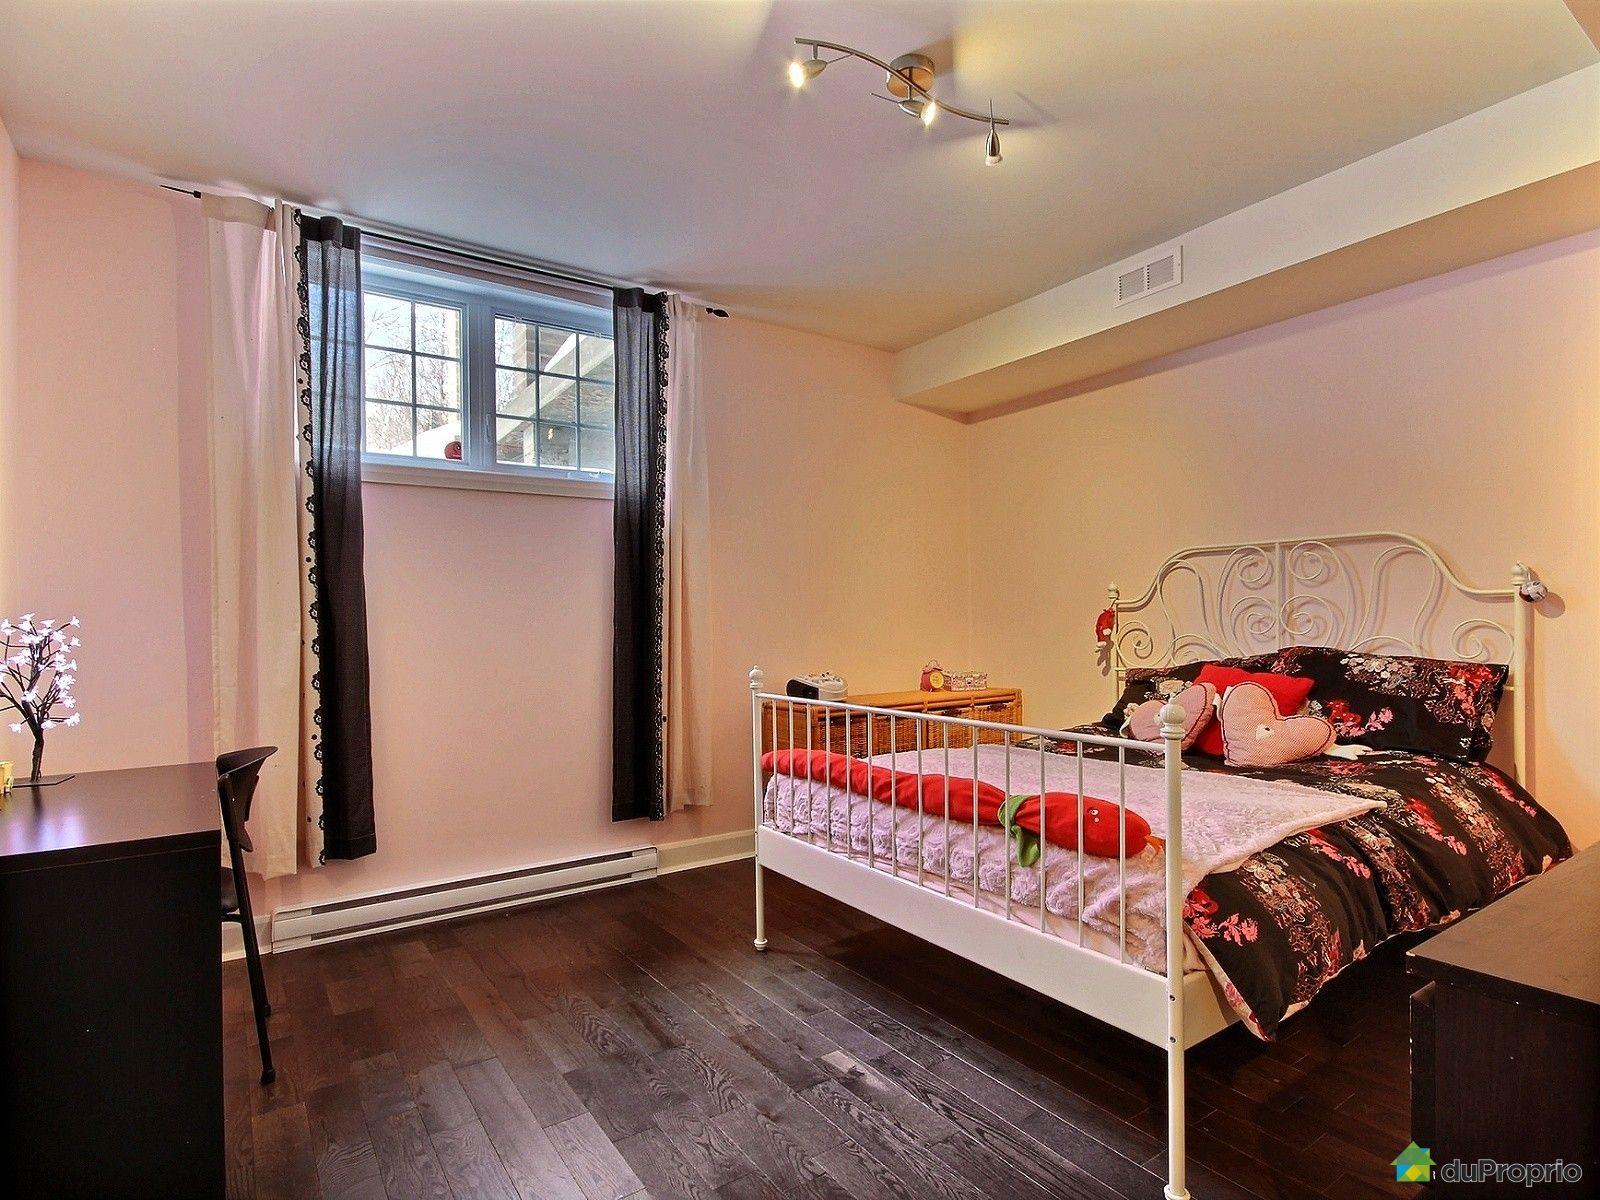 Maison vendre mirabel en haut 10850 rue de la topaze for Chambre de commerce mirabel